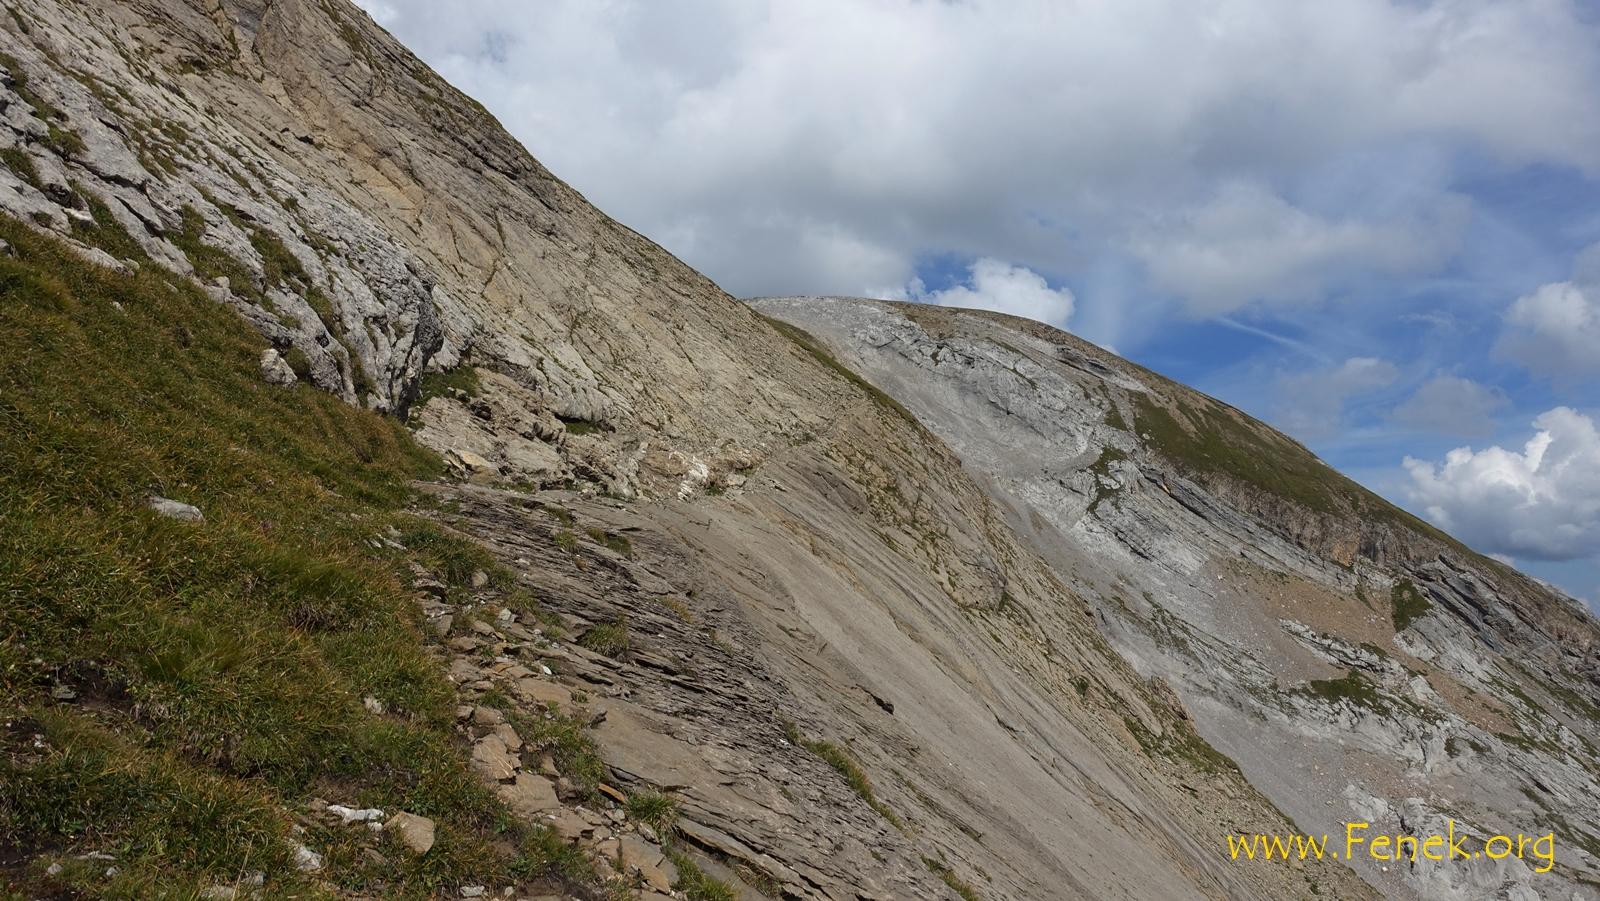 schmale Rampe fürh hinauf auf den Grat Richtung Niesehorn